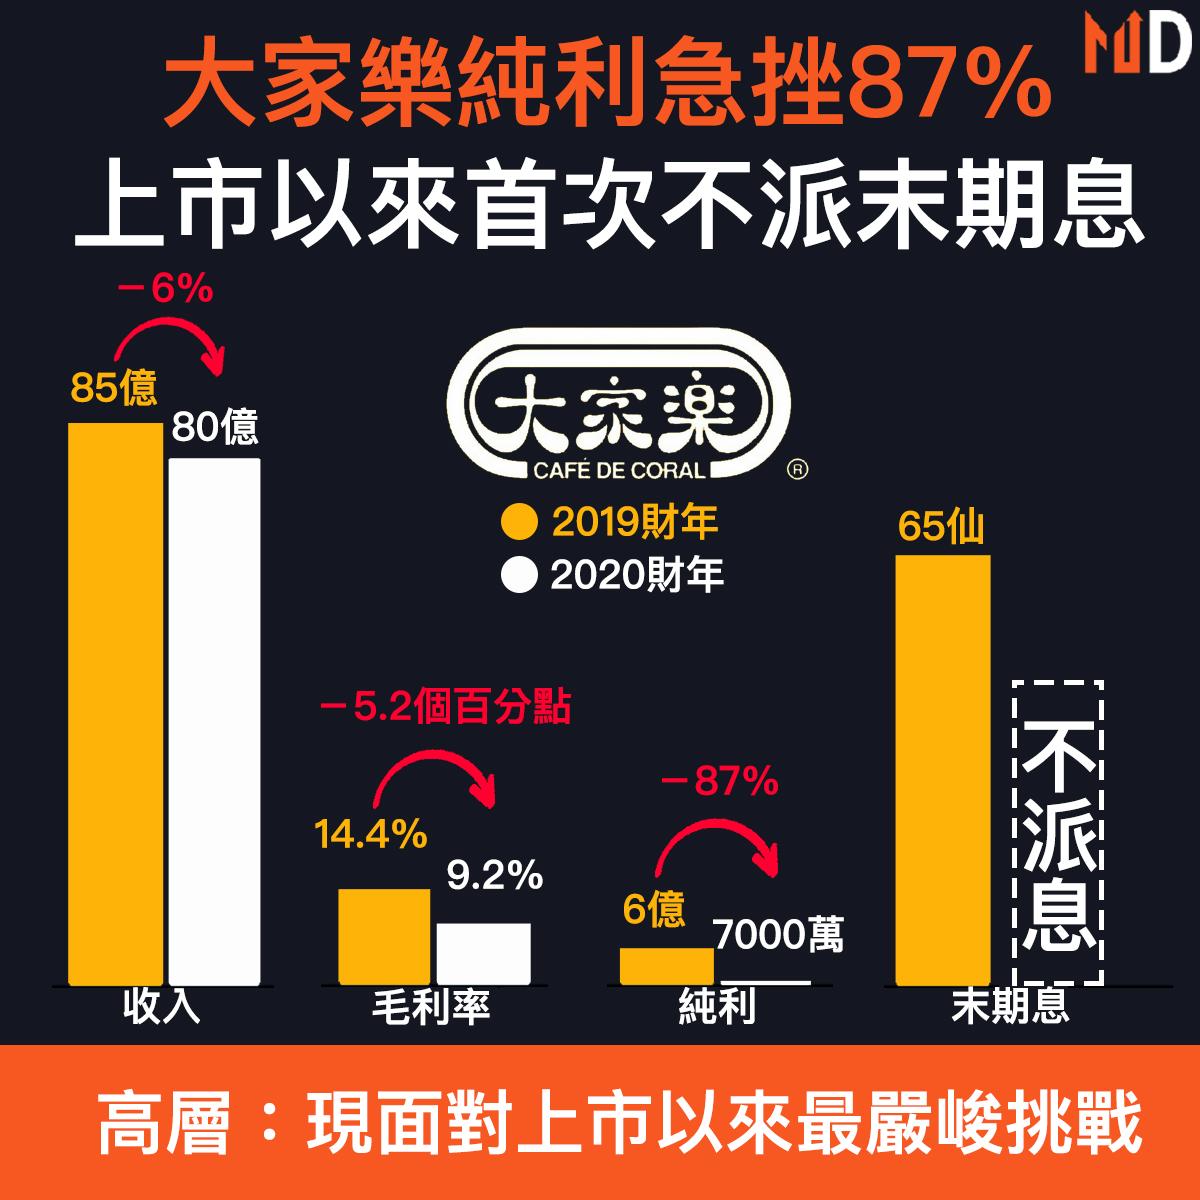 【財報分析】大家樂全年純利急挫87%,上市以來首次不派末期息